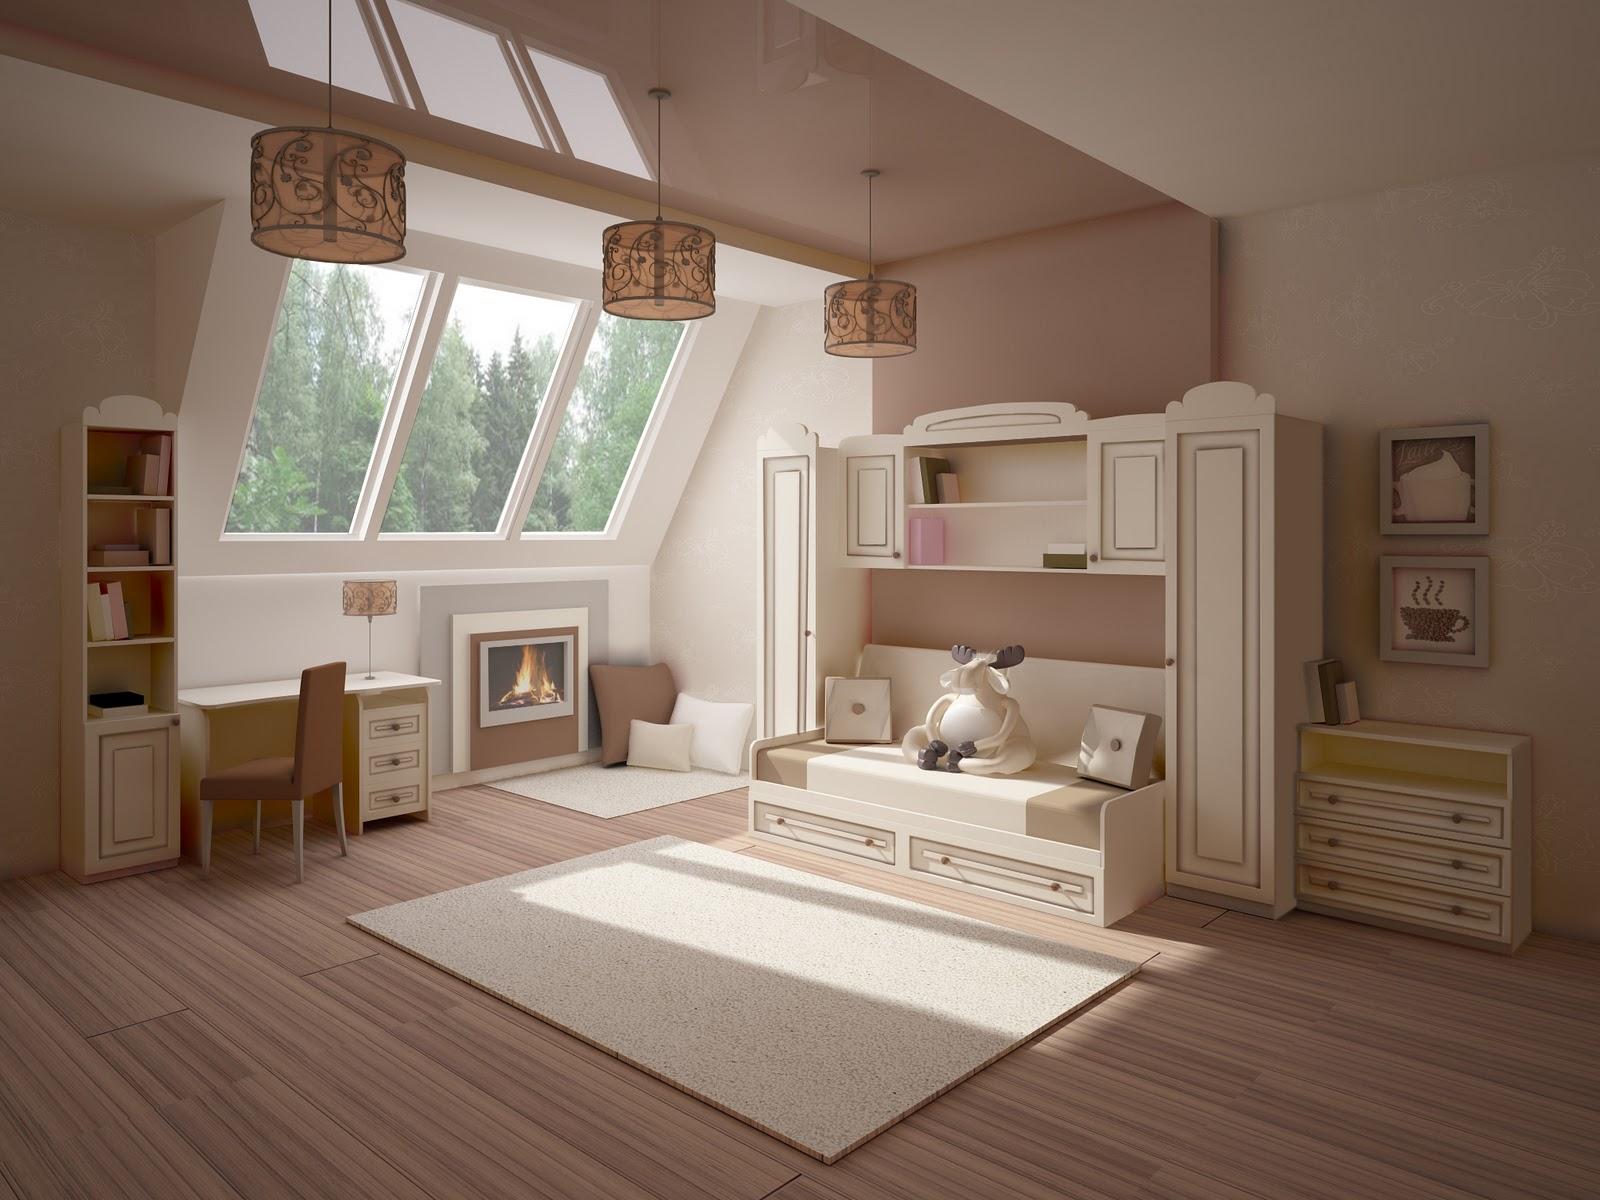 детская в деревянном доме интерьер